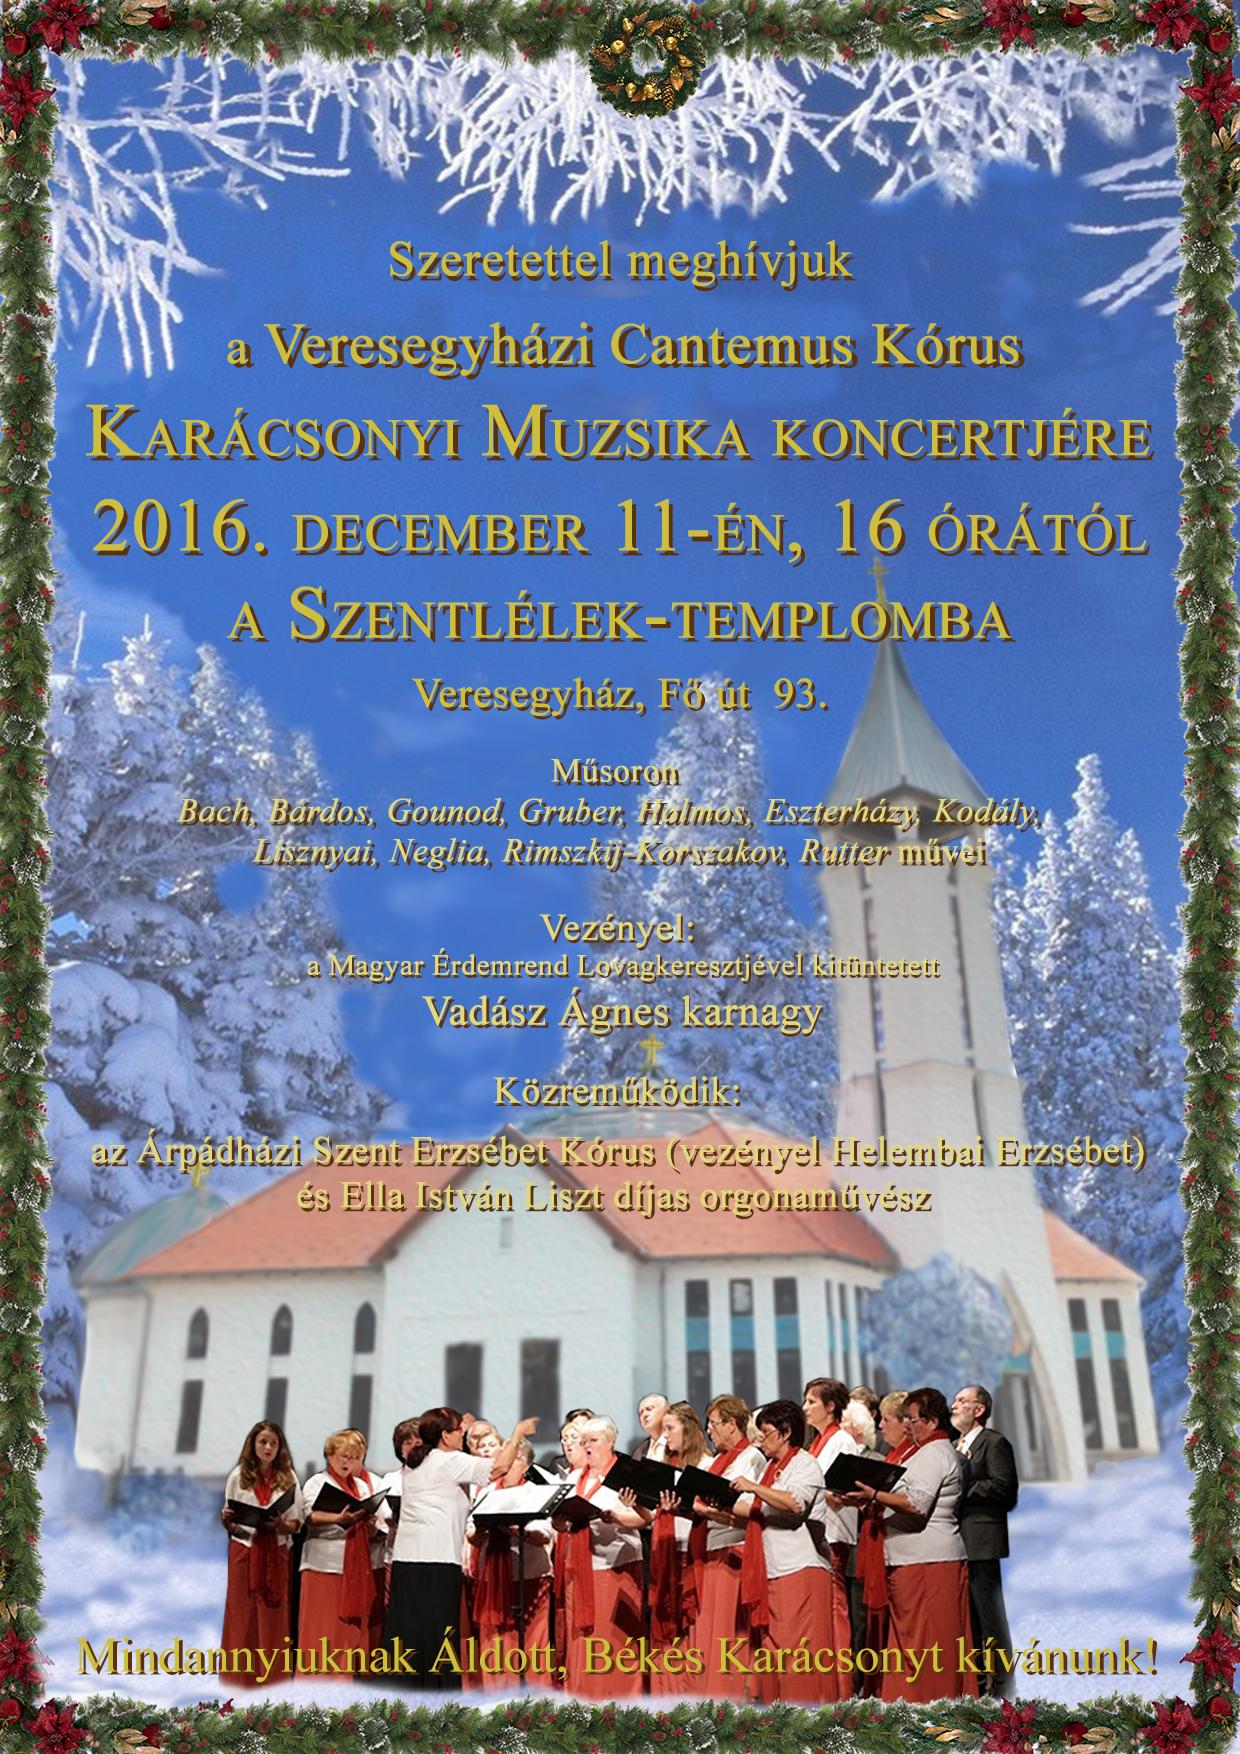 Karácsonyi Muzsika - Cantemus kórus koncert @ Szentlélek-templom (templomtér)